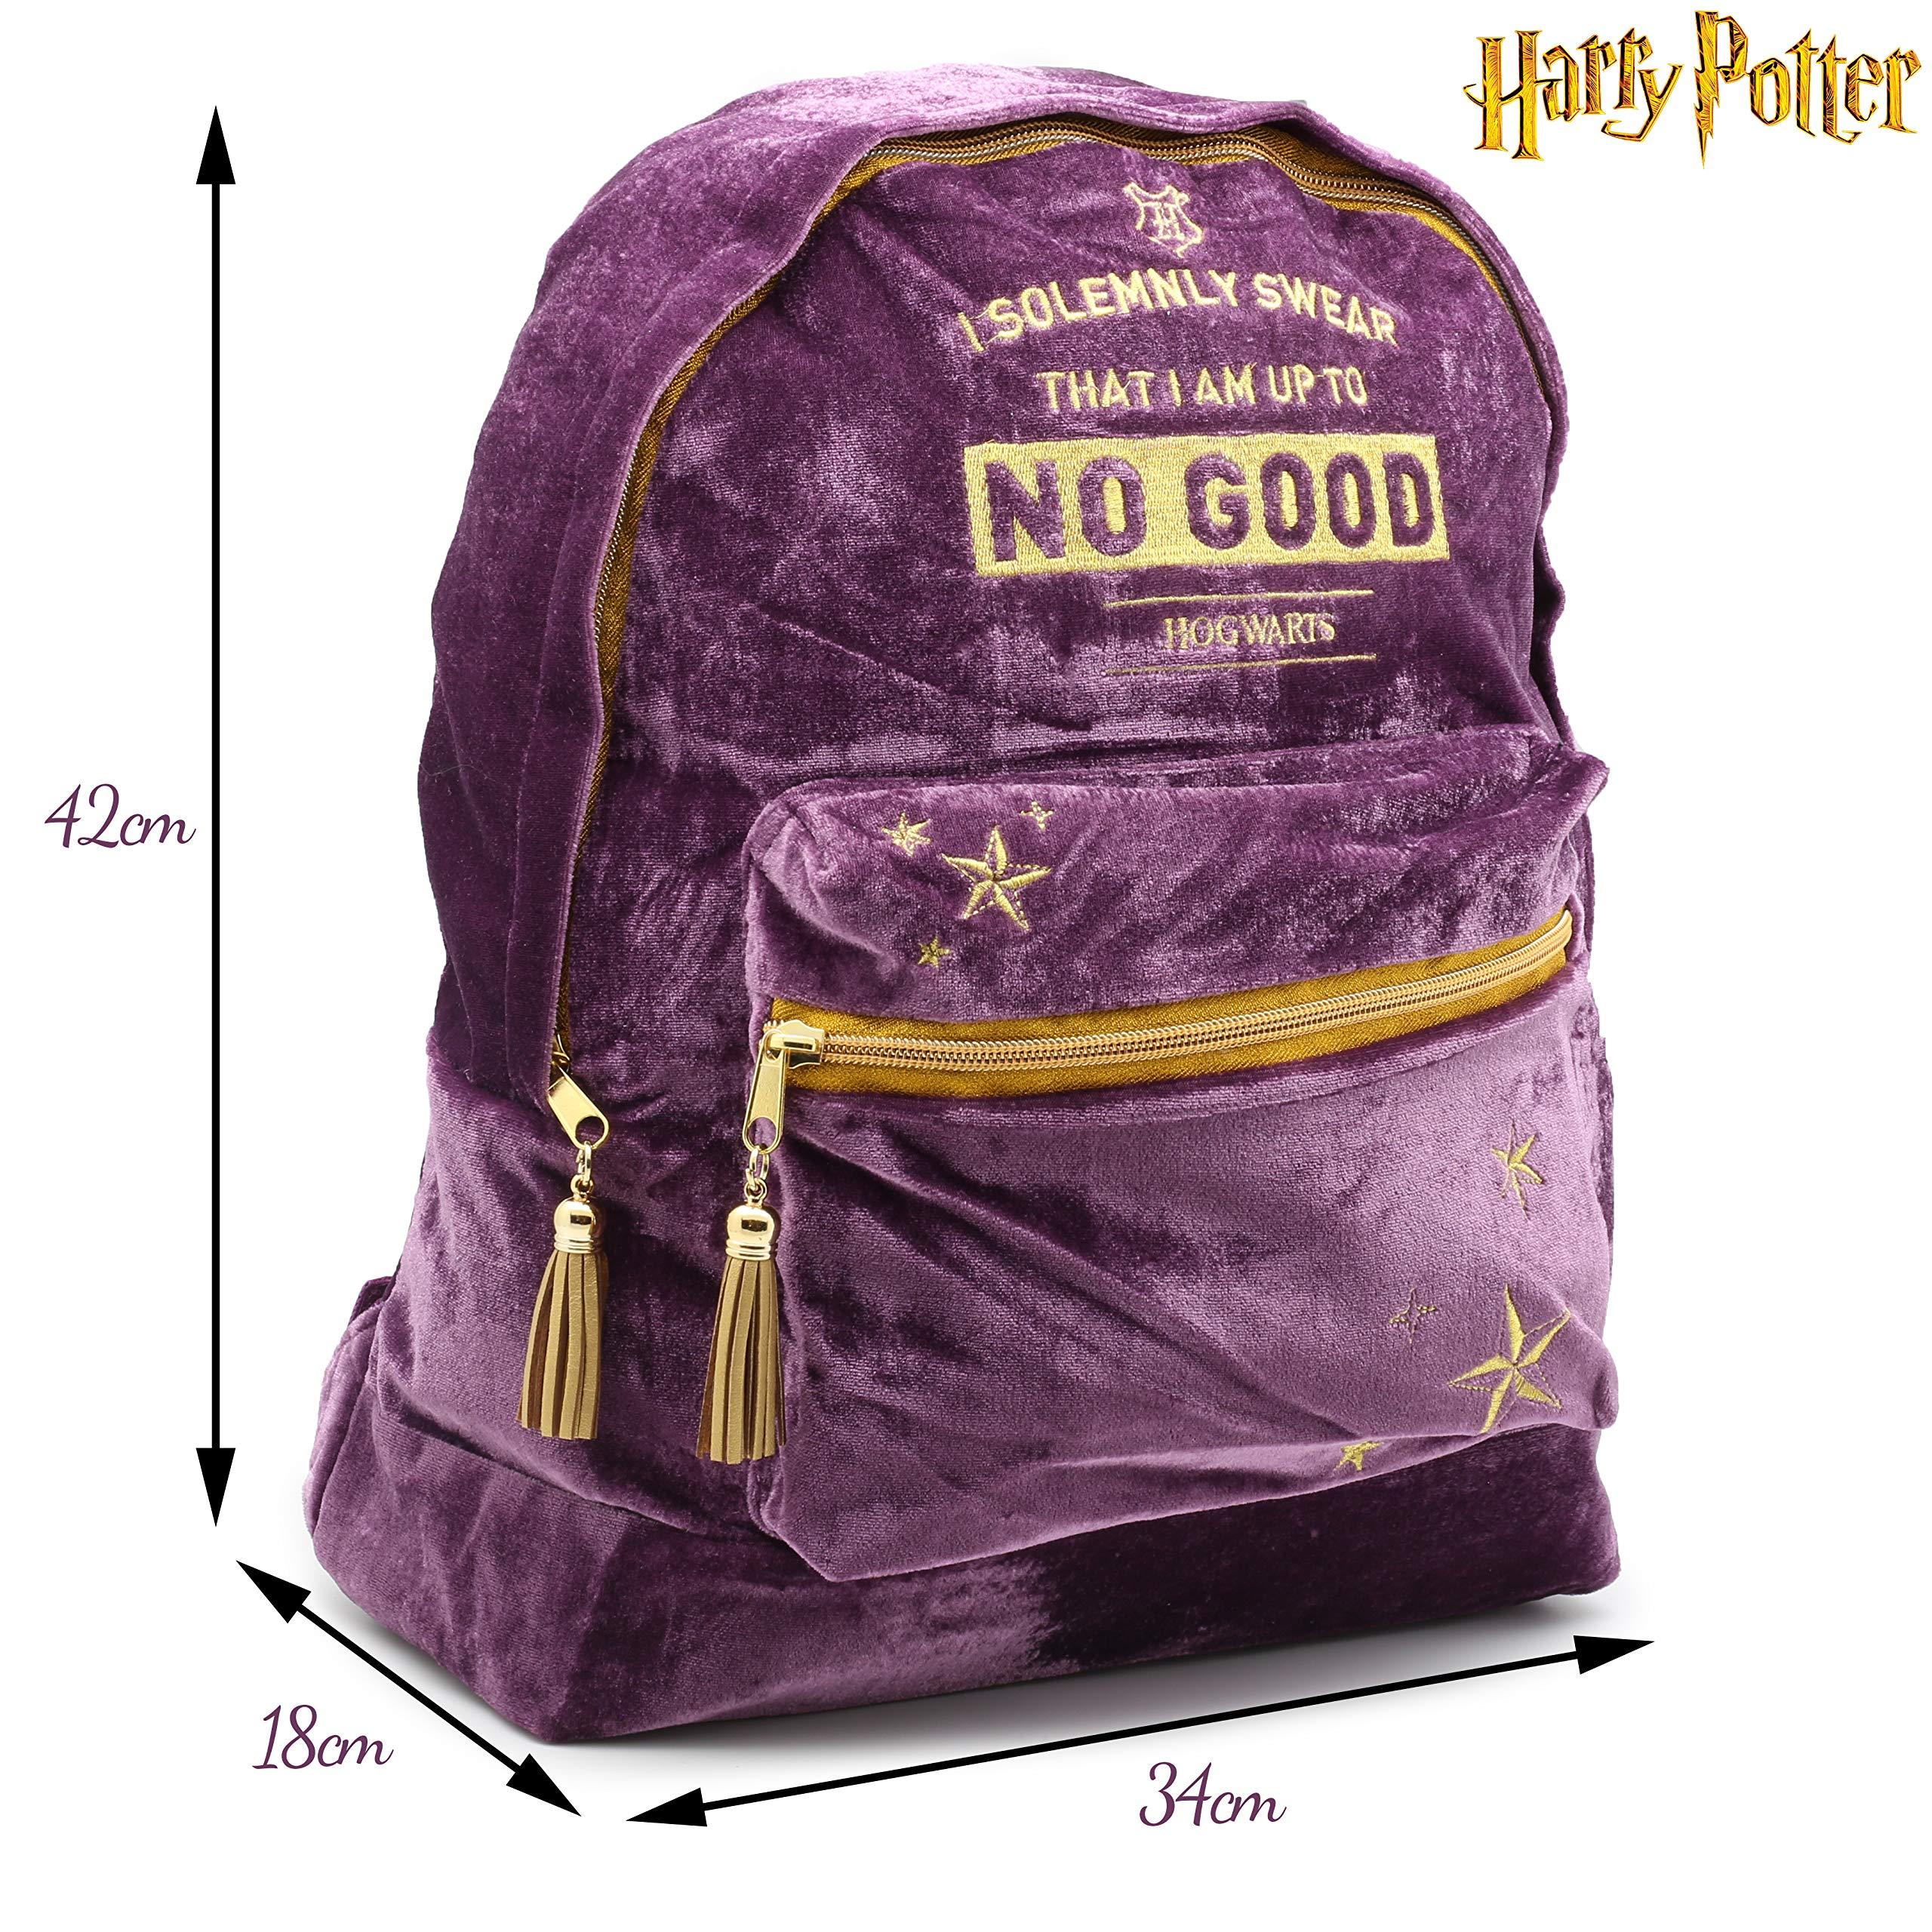 HARRY POTTER Mochila Escolar Grande De Terciopelo Mujer, Producto Oficial | Mapa Con El Diseño Del Mapa De Marauder De Hogwarts Para Chicas | Mochila